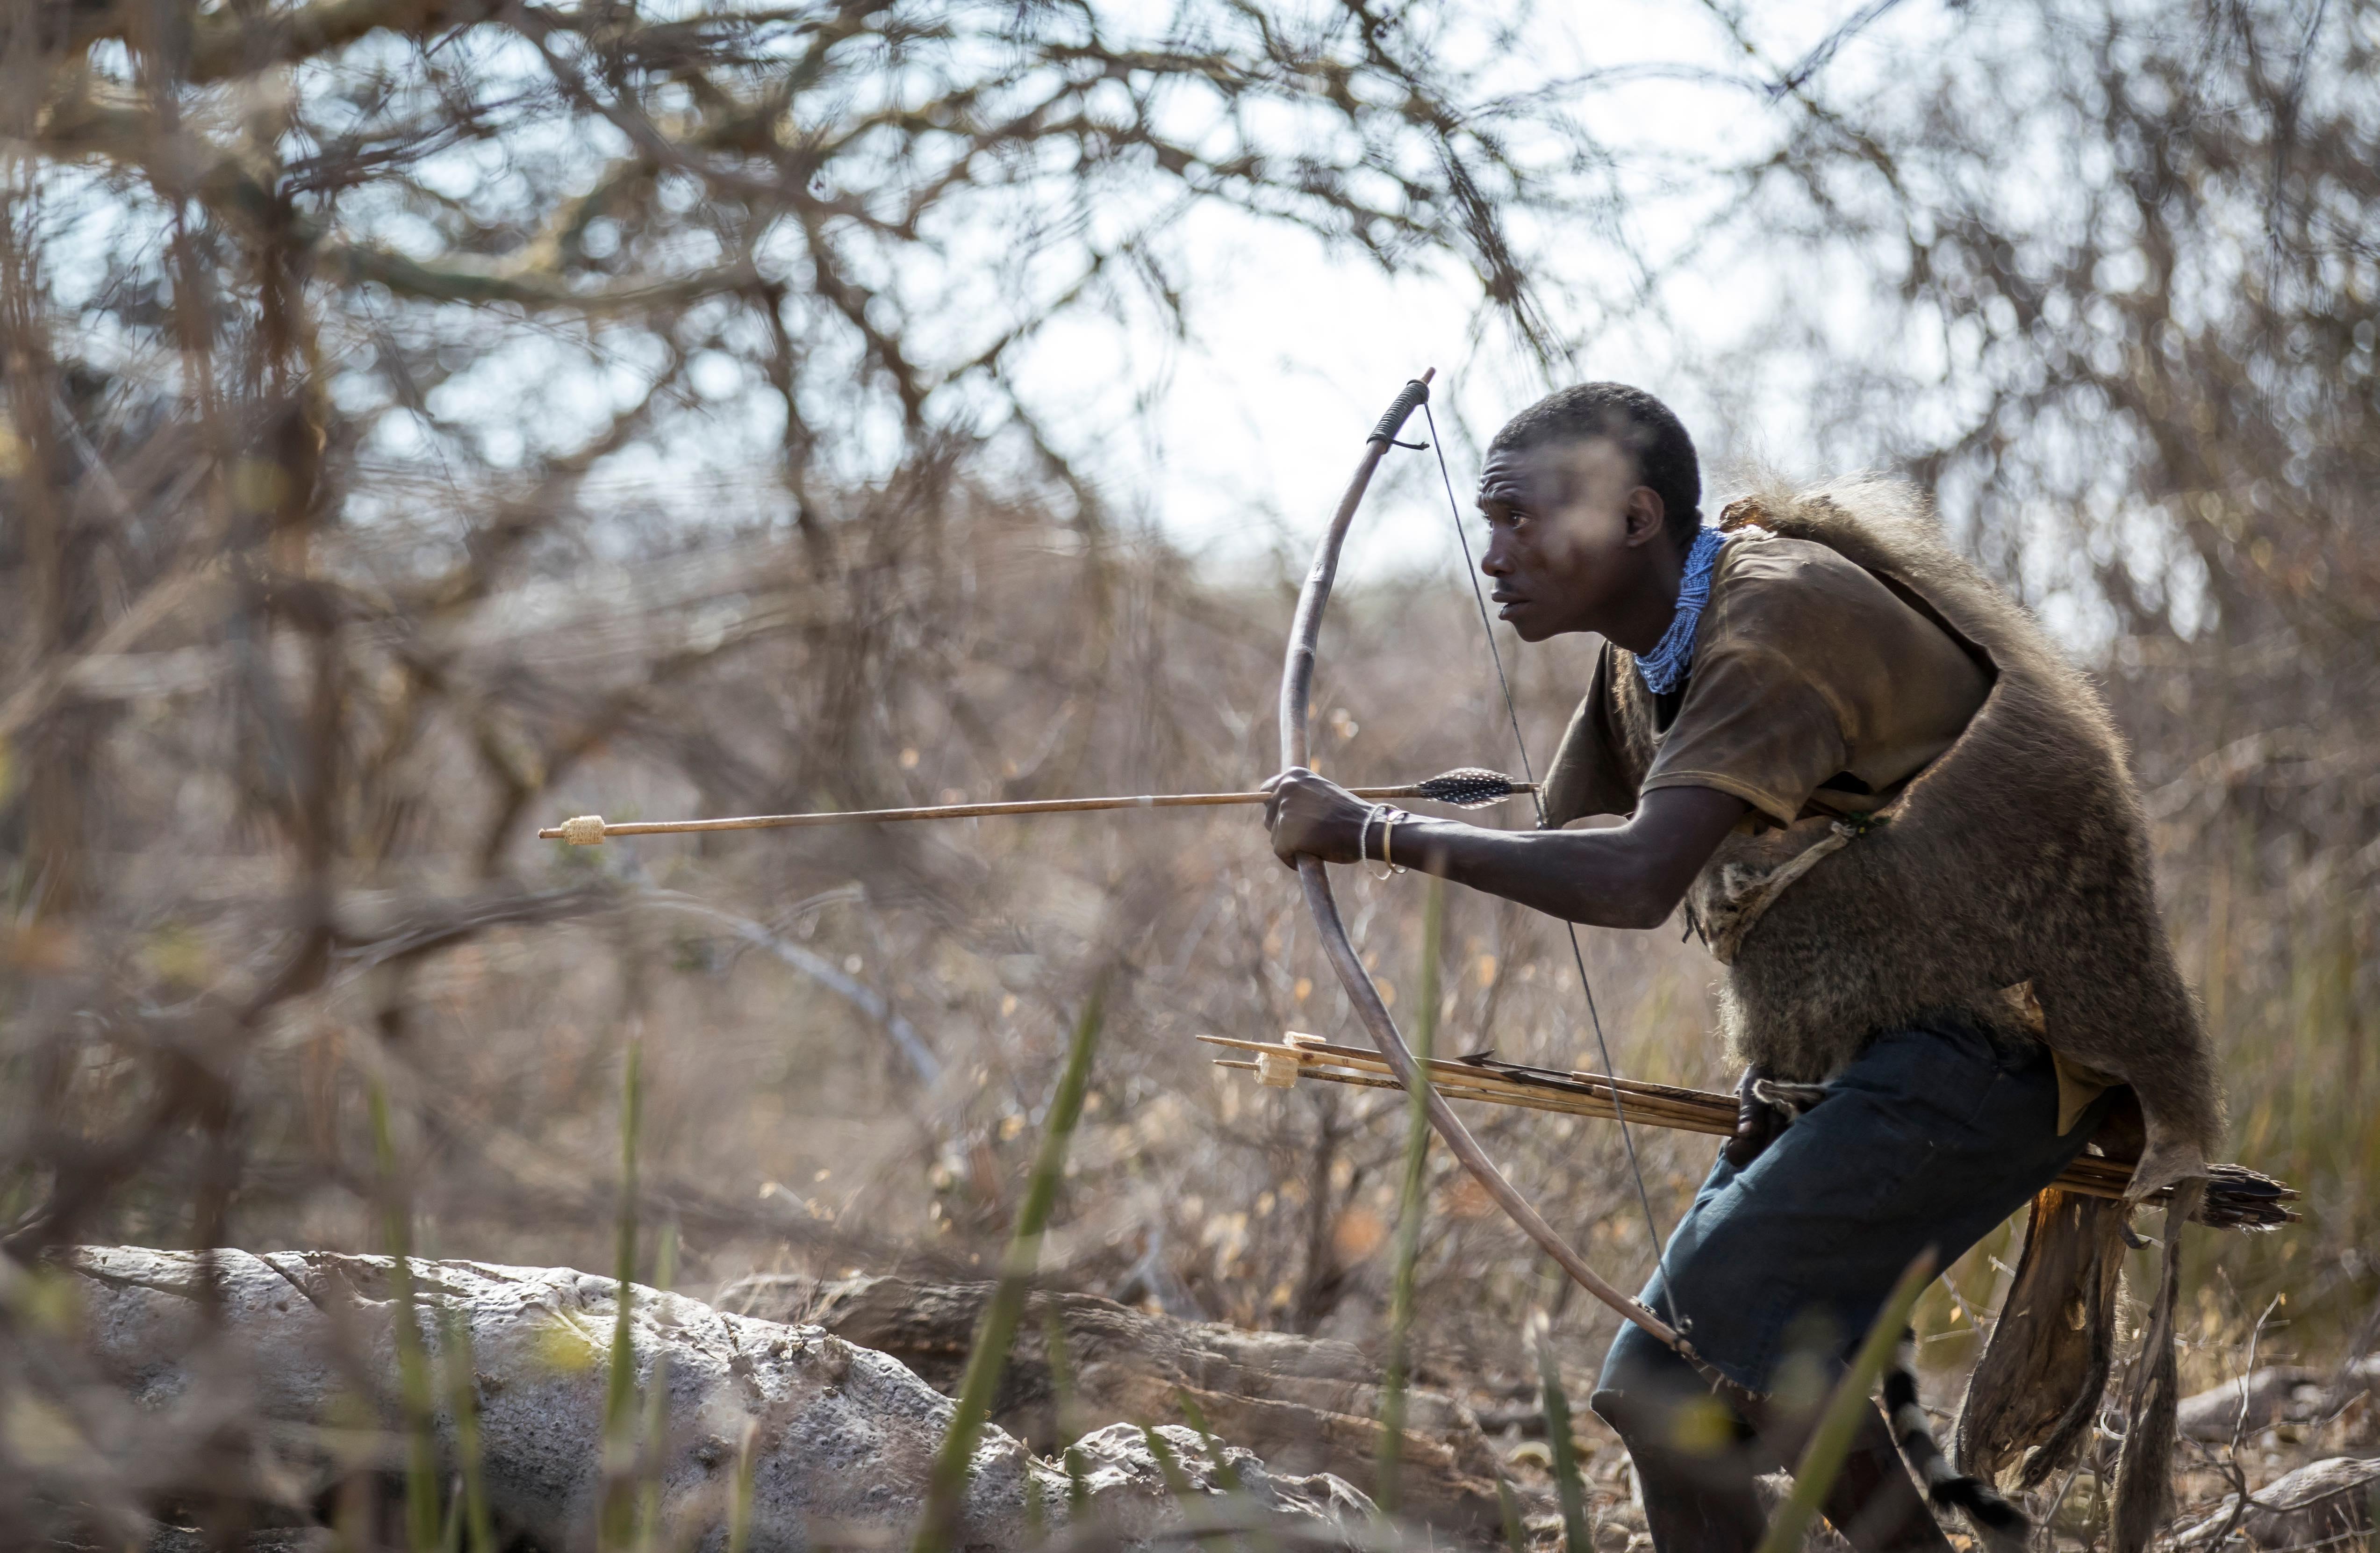 Hadzabe hunter in the nature of norther Tanzania. (Katiekk/Shutterstock)